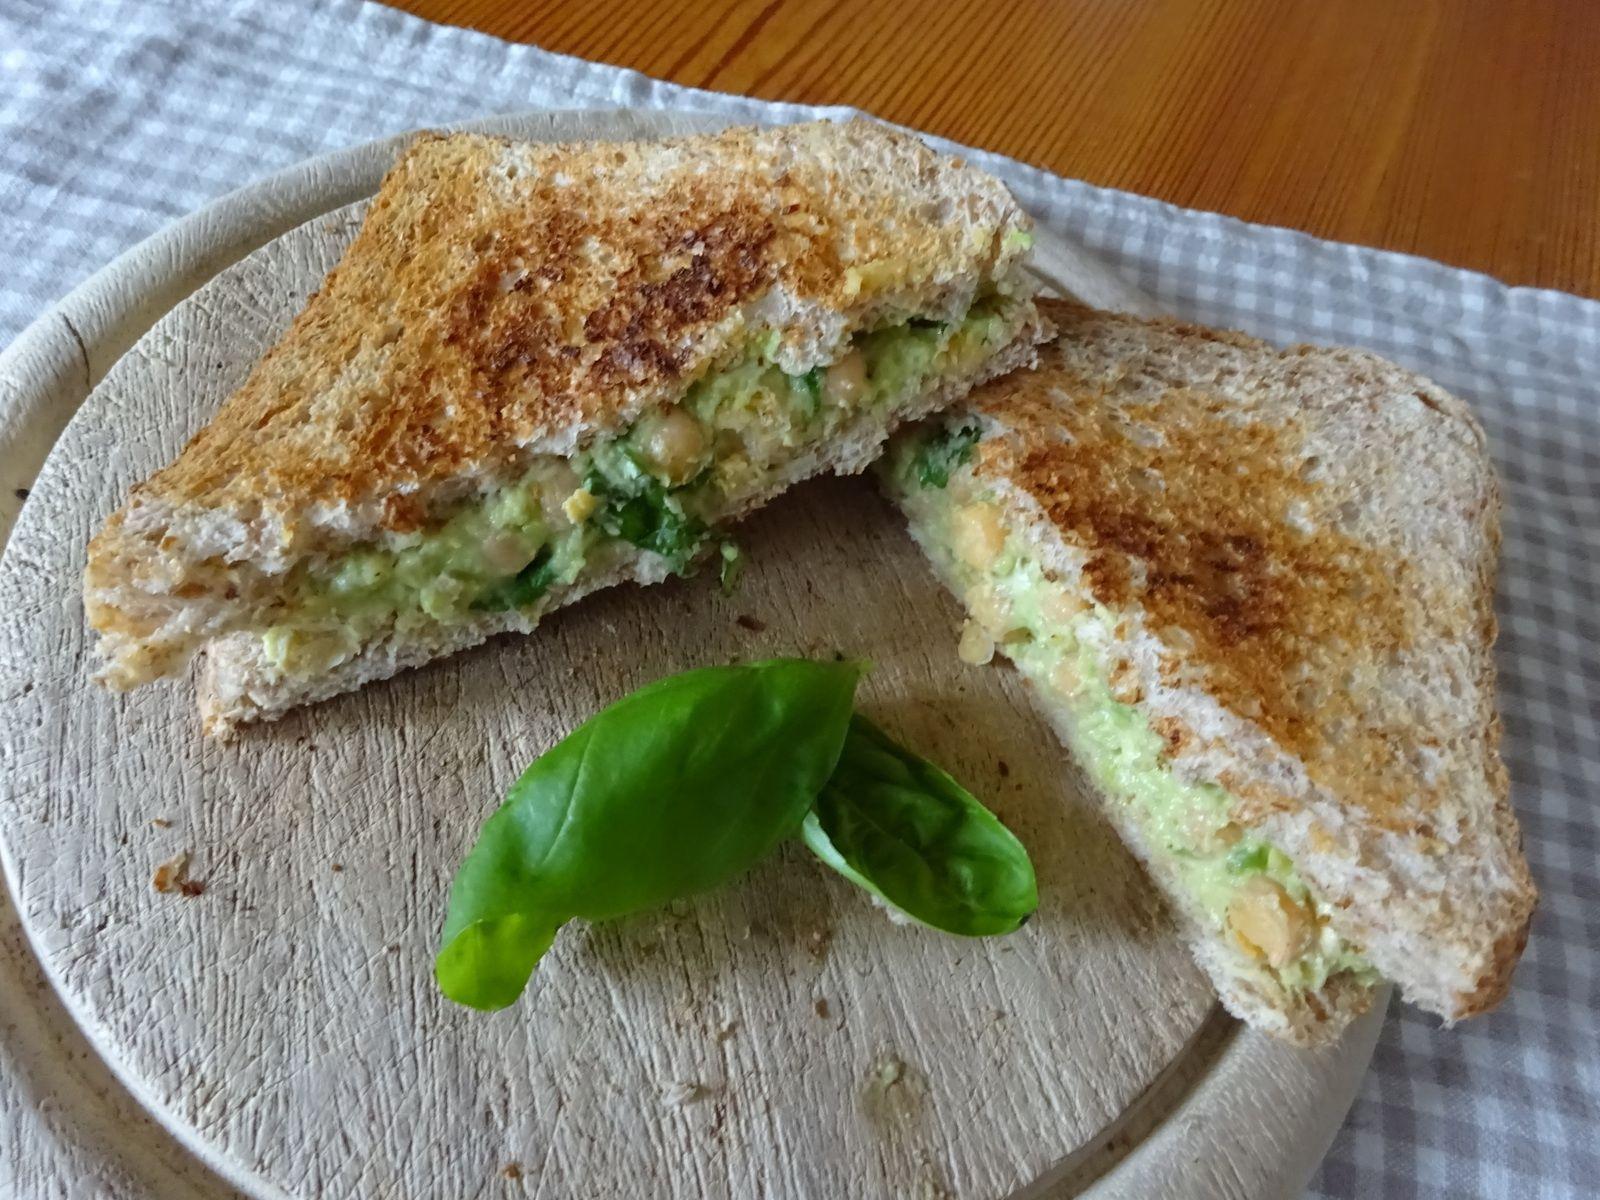 Rezept: Yummy Sandwichbelag mit Avocado und Kichererbsen